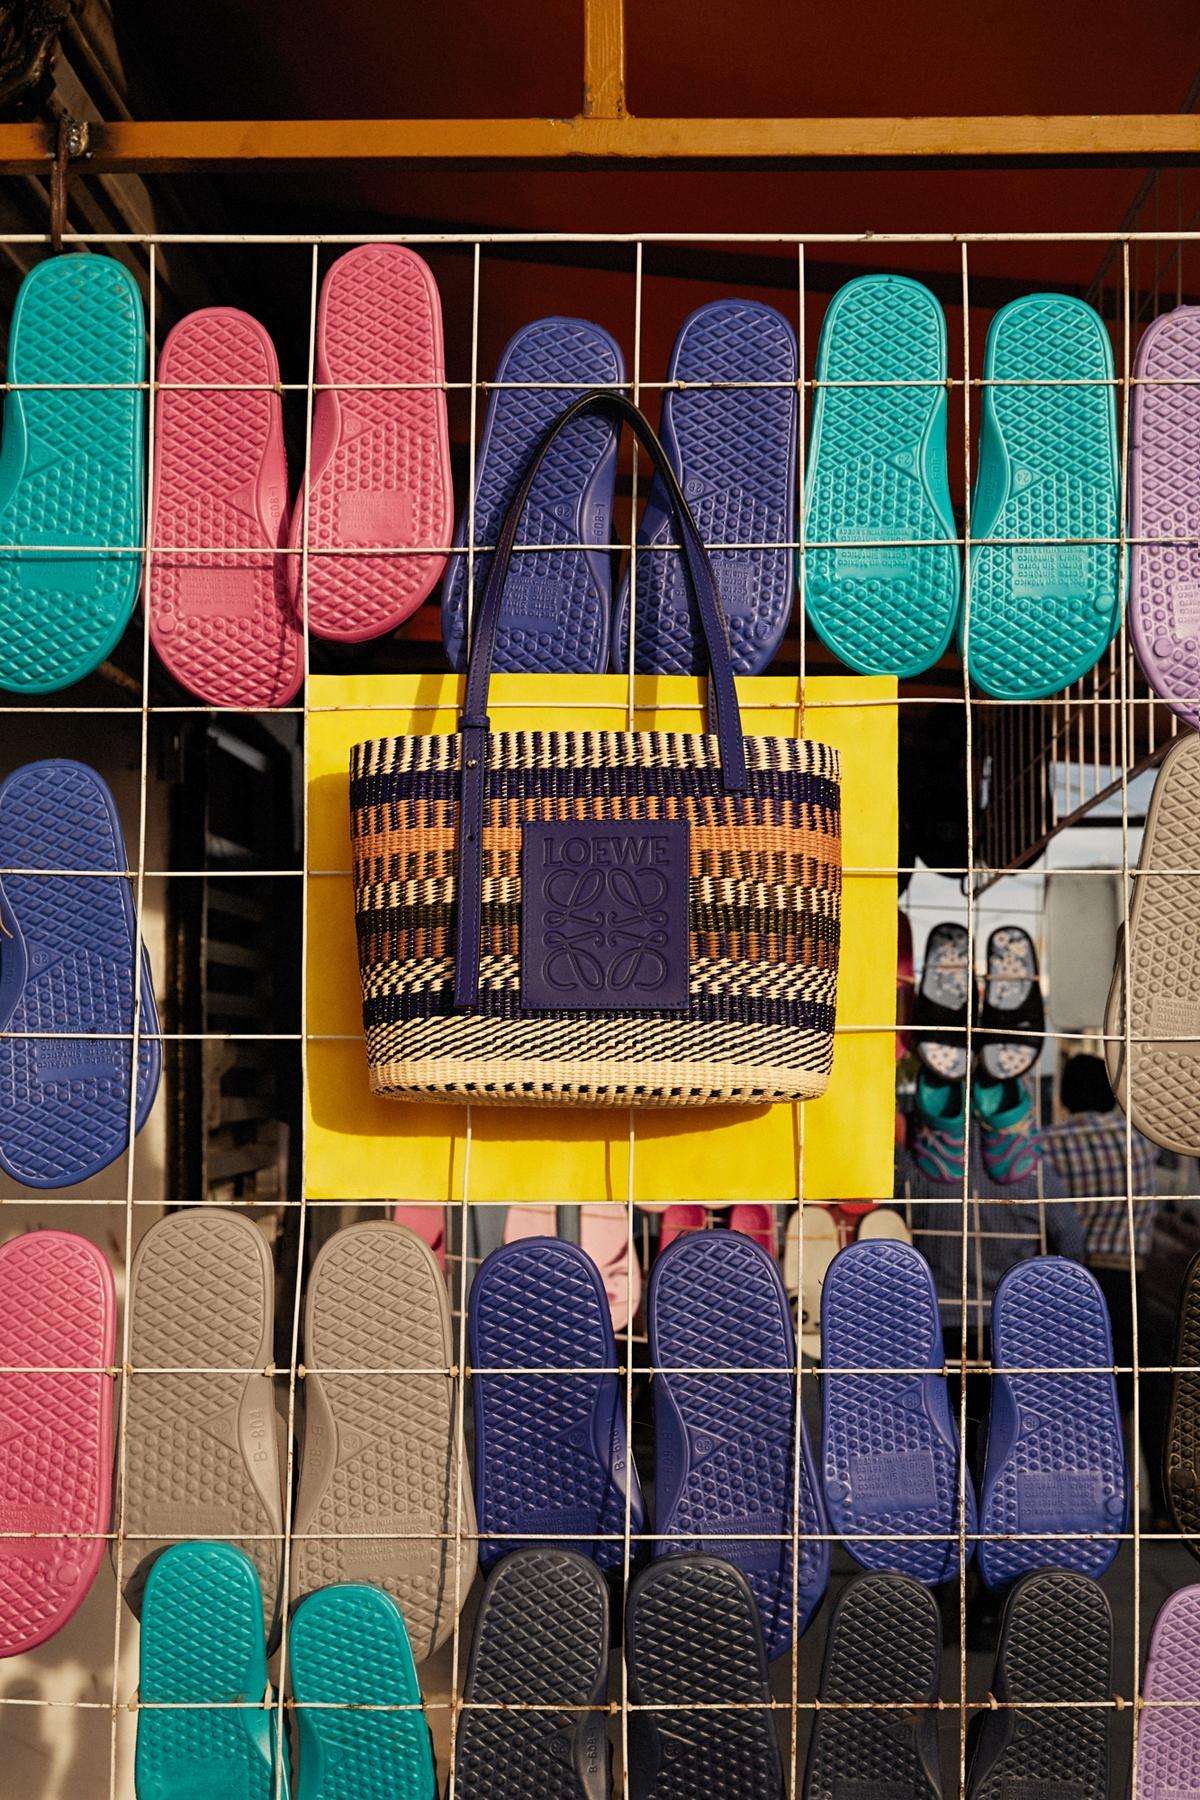 好想去度假!Loewe Paula's Ibiza以鮮豔印花、水果造型療癒想放假的心!